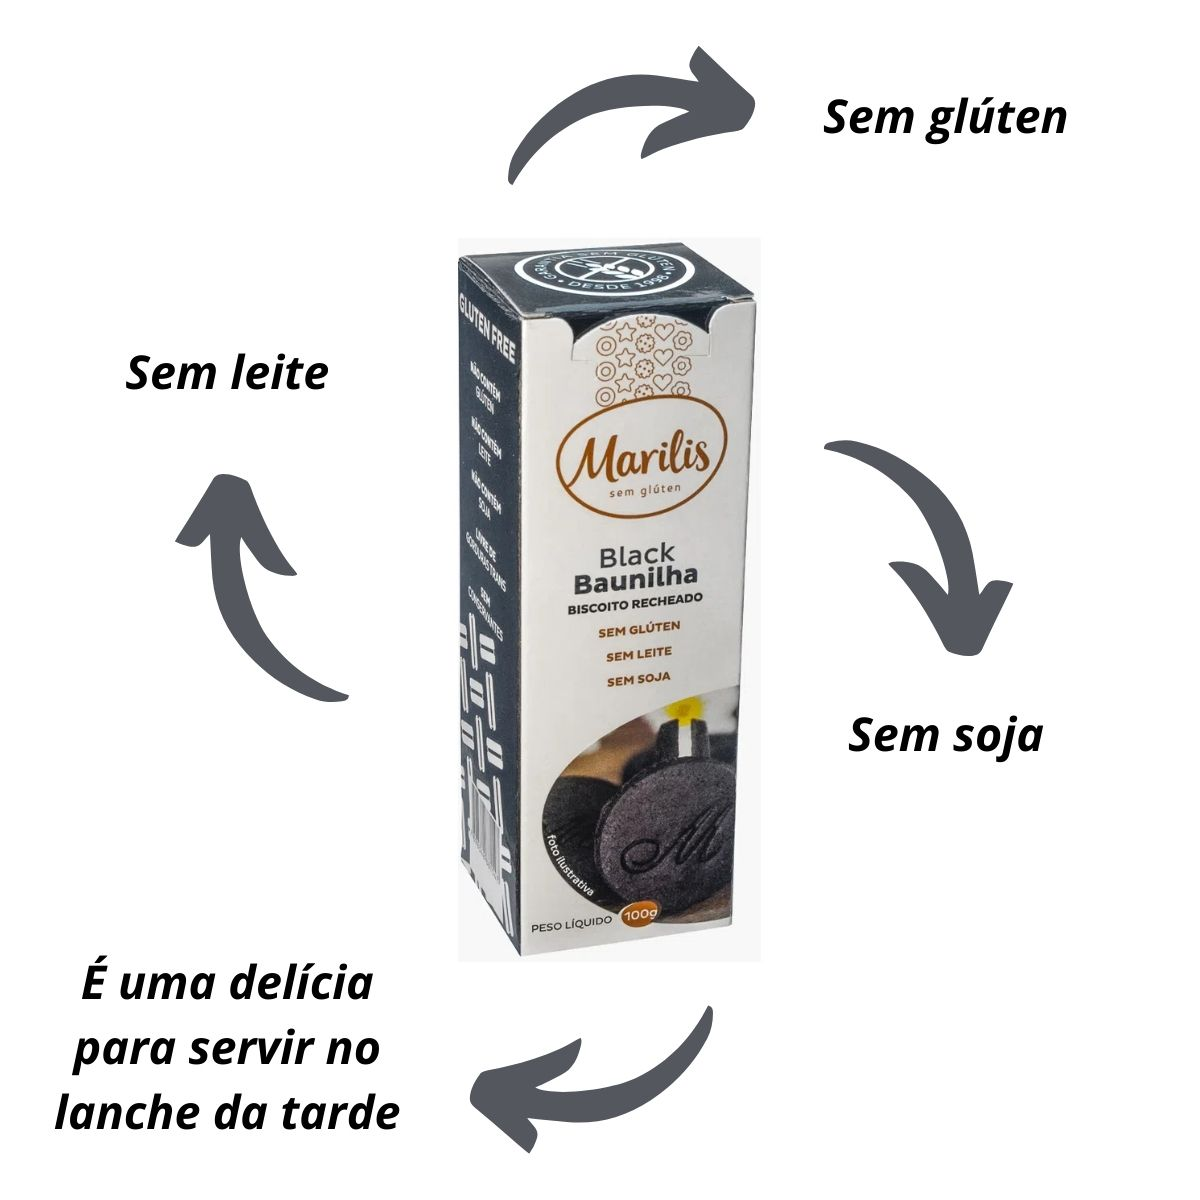 Biscoito Recheado Black Baunilha 100g - Marilis